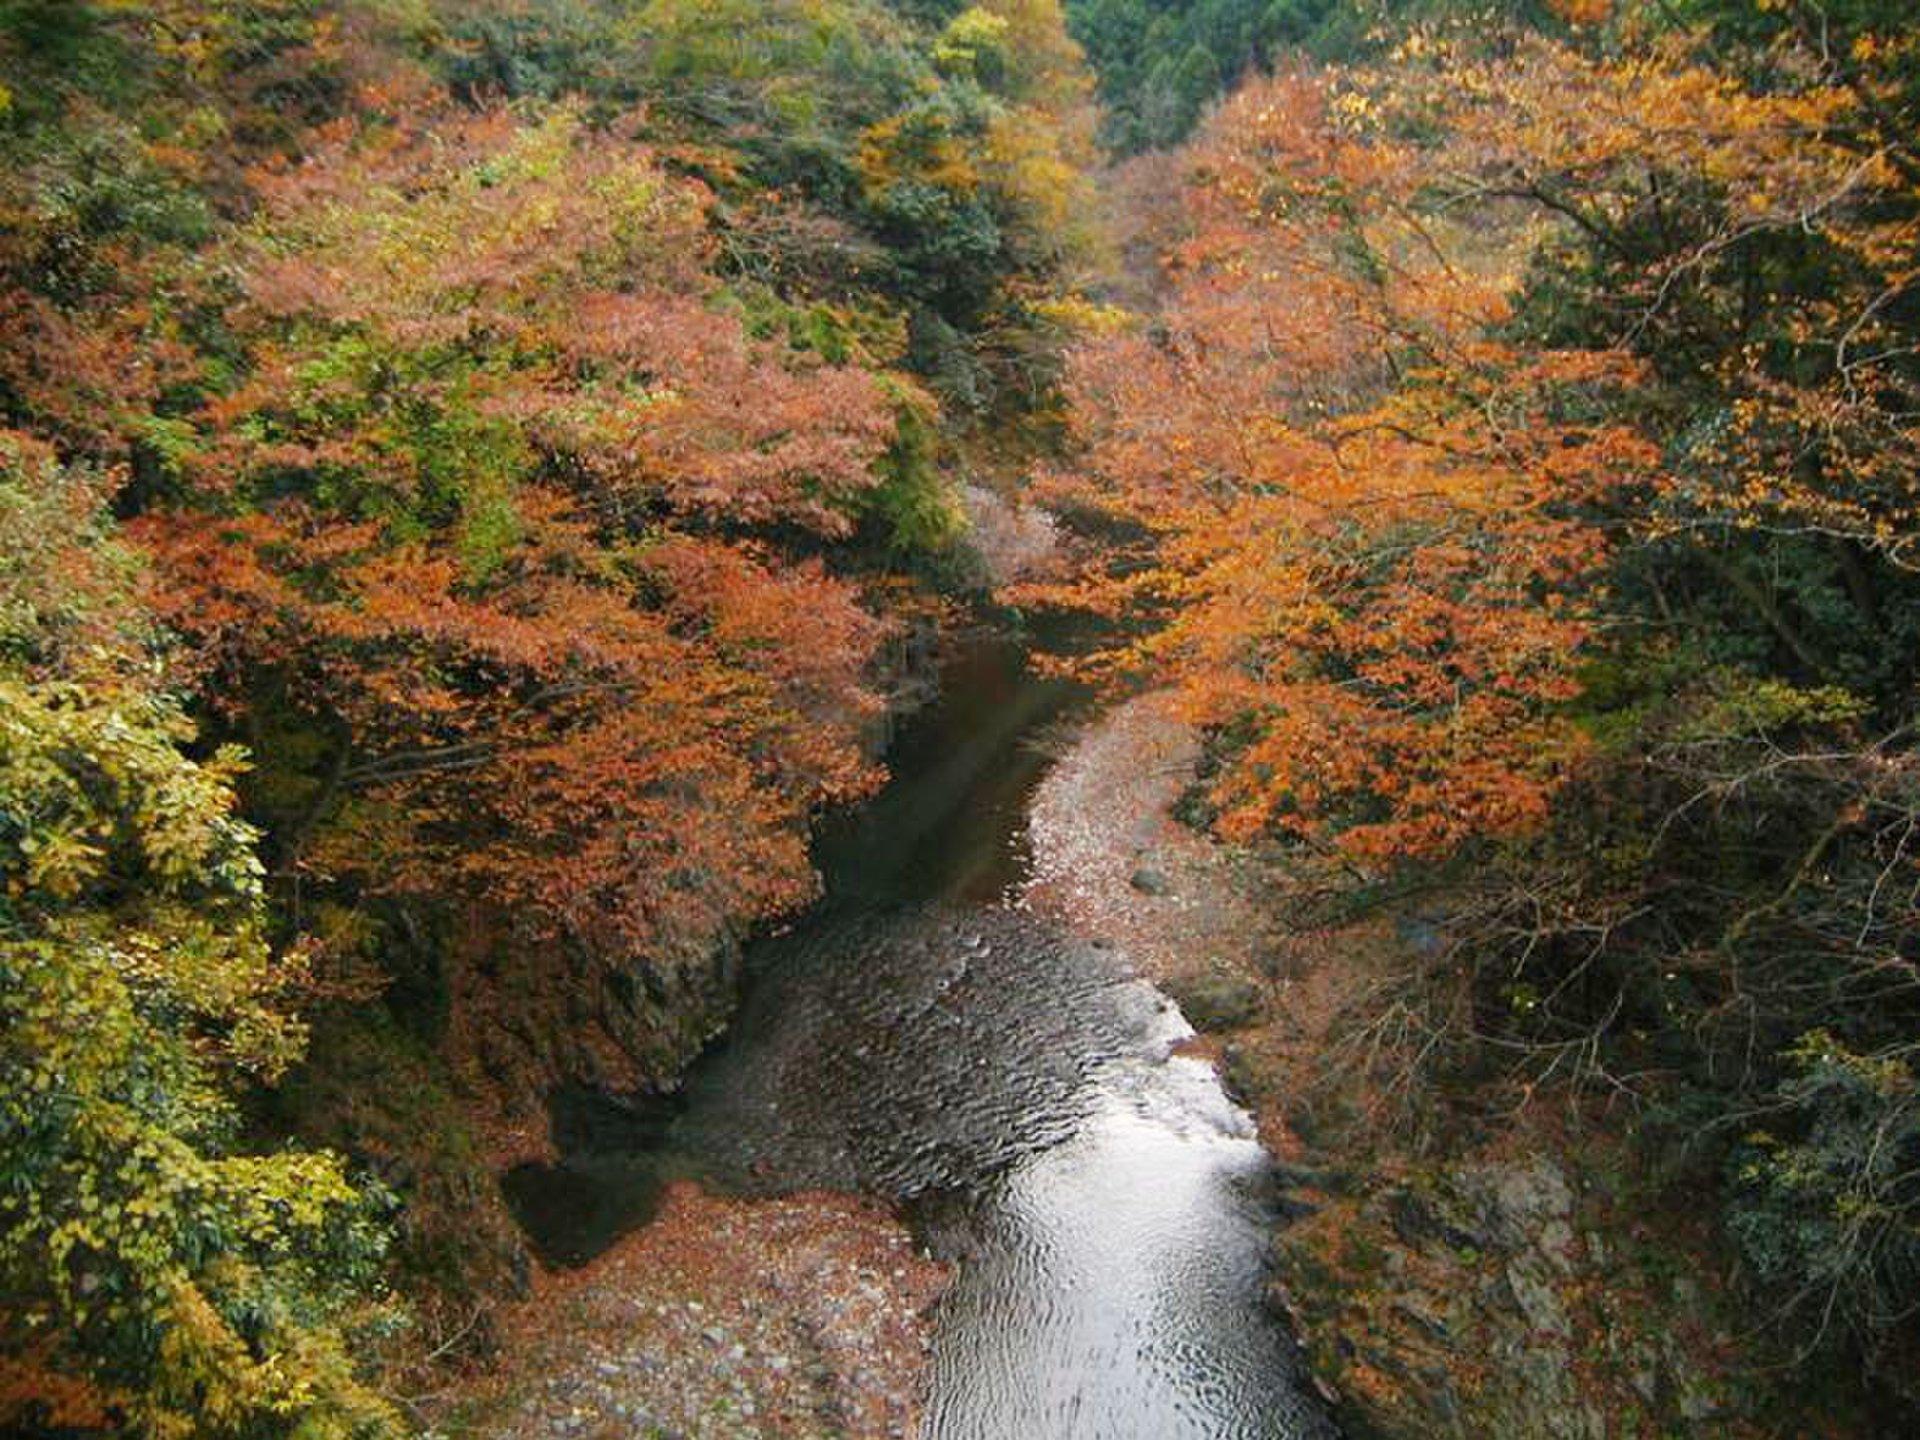 秋川渓谷観光ドライブ♪都心から60分で郷土料理と大自然!黒茶屋、瀬音の湯、大岳鍾乳洞、払沢の滝を巡る